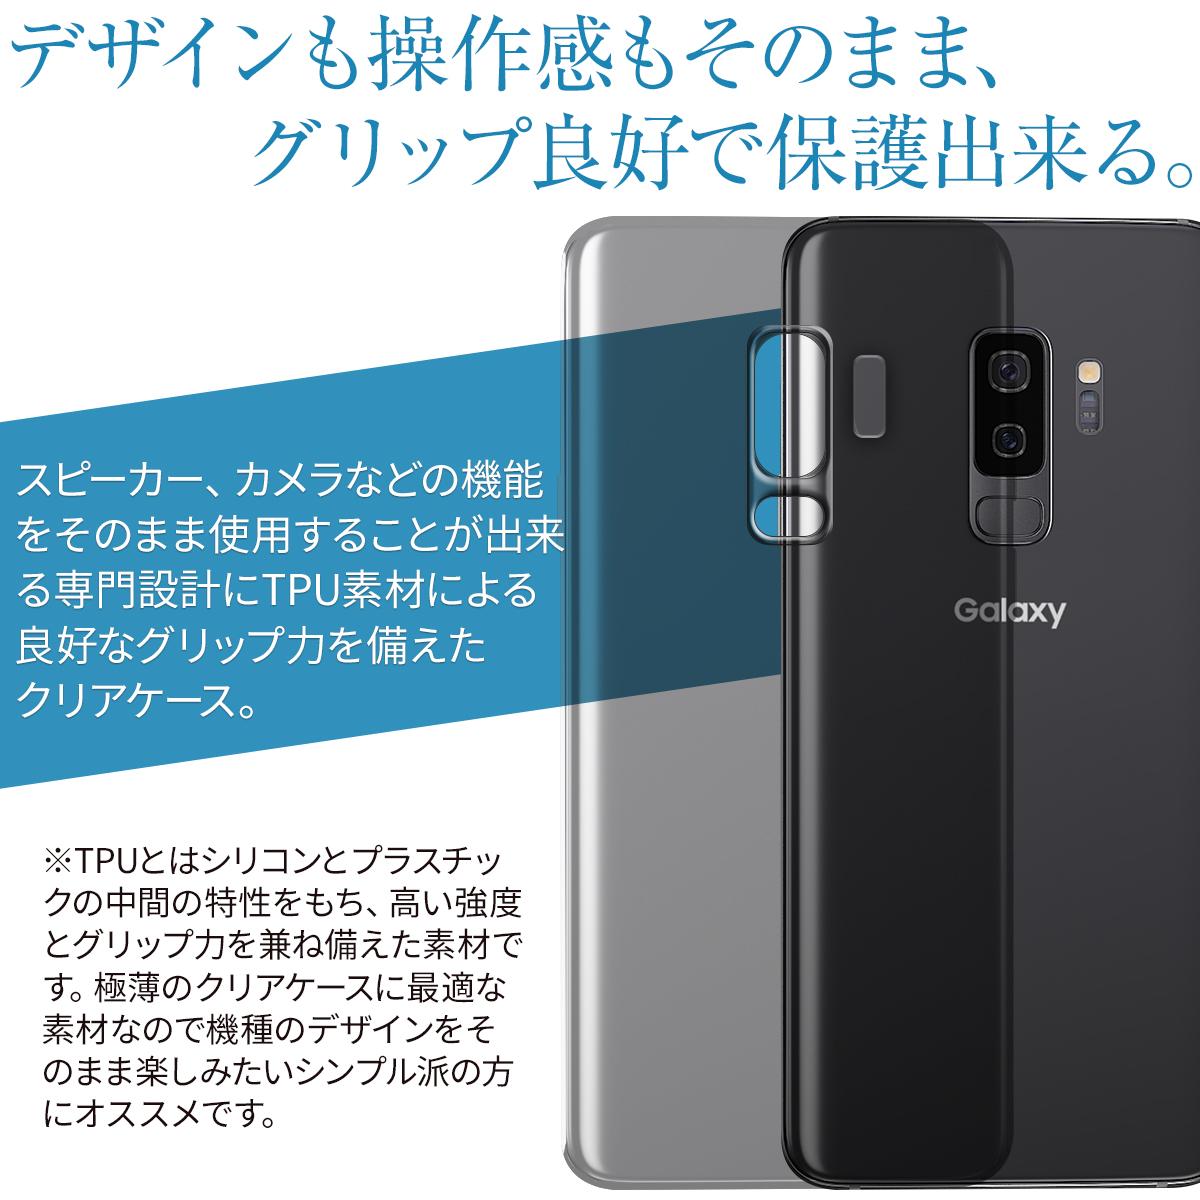 Galaxy S9+ TPU クリアケース